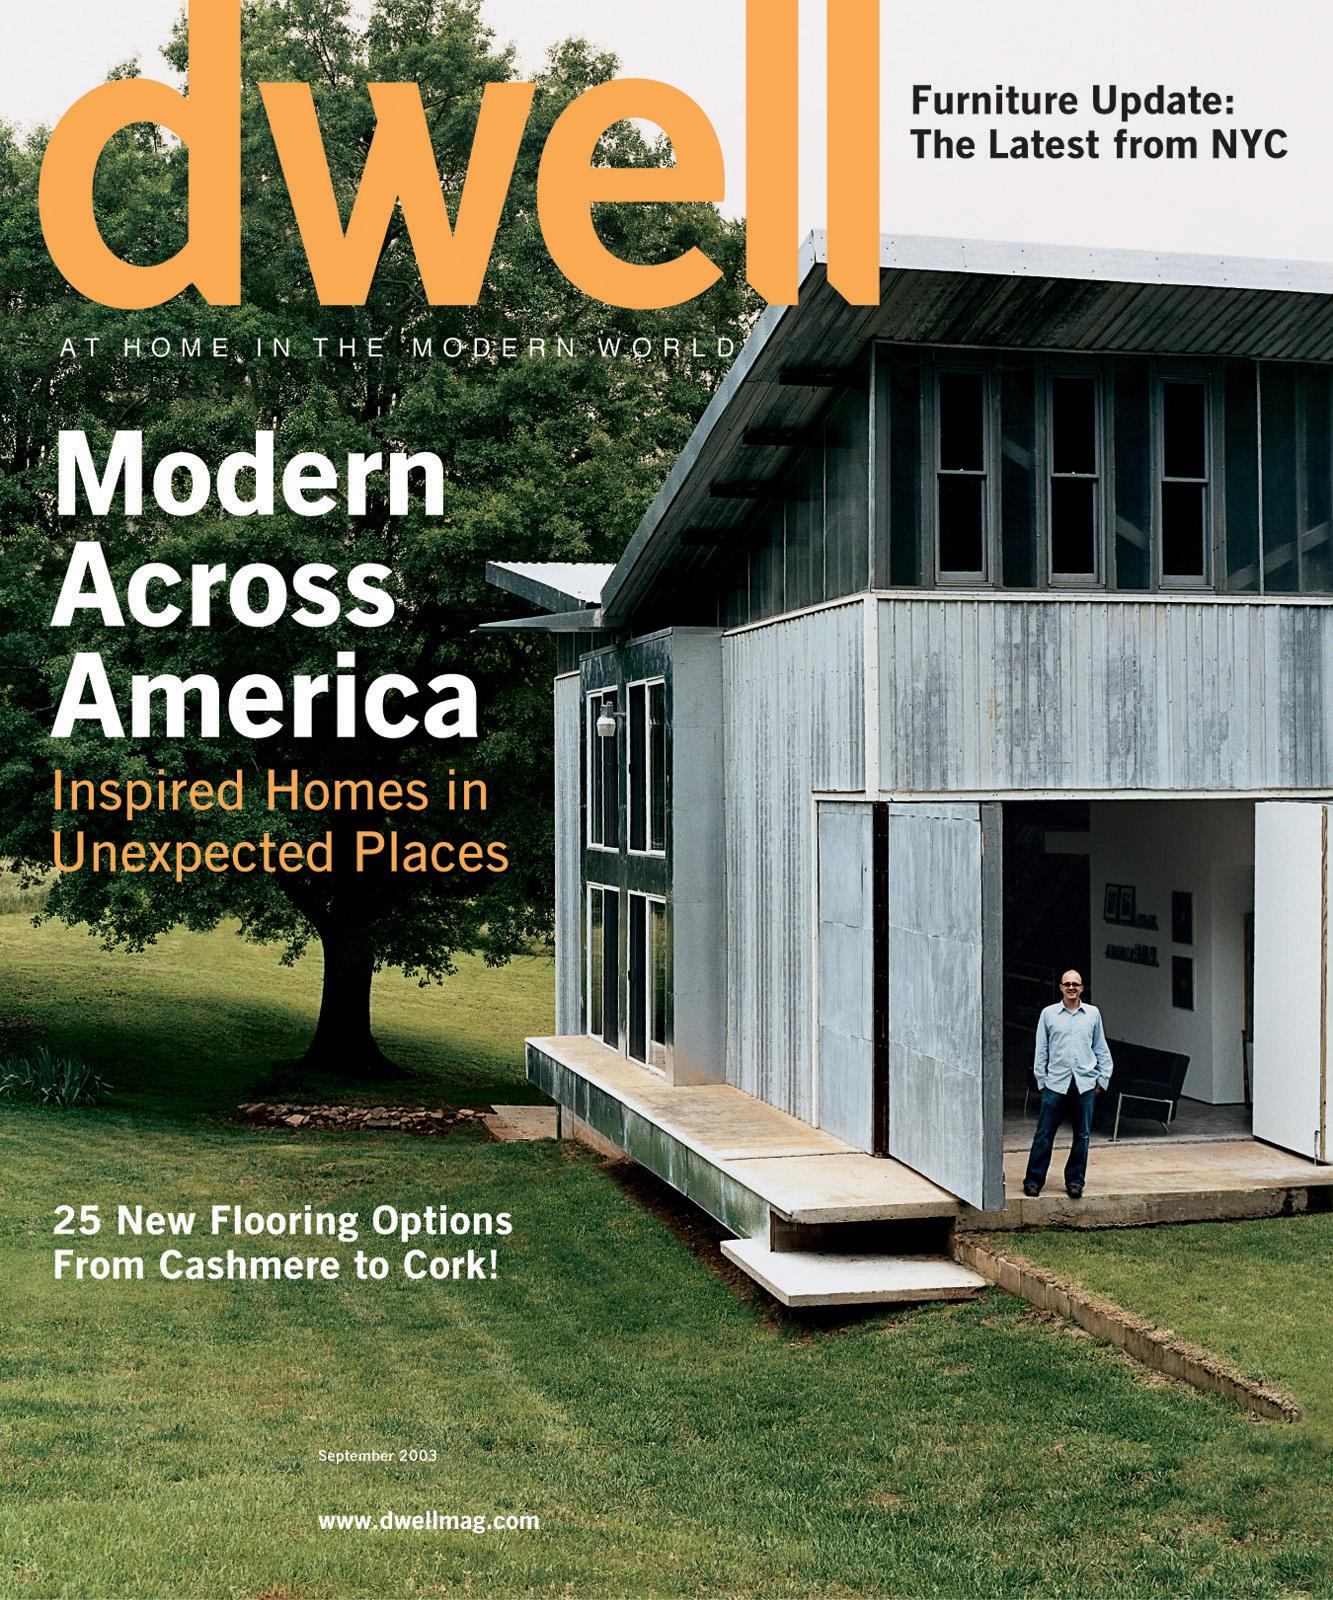 dwell cover 2003 september modern across america